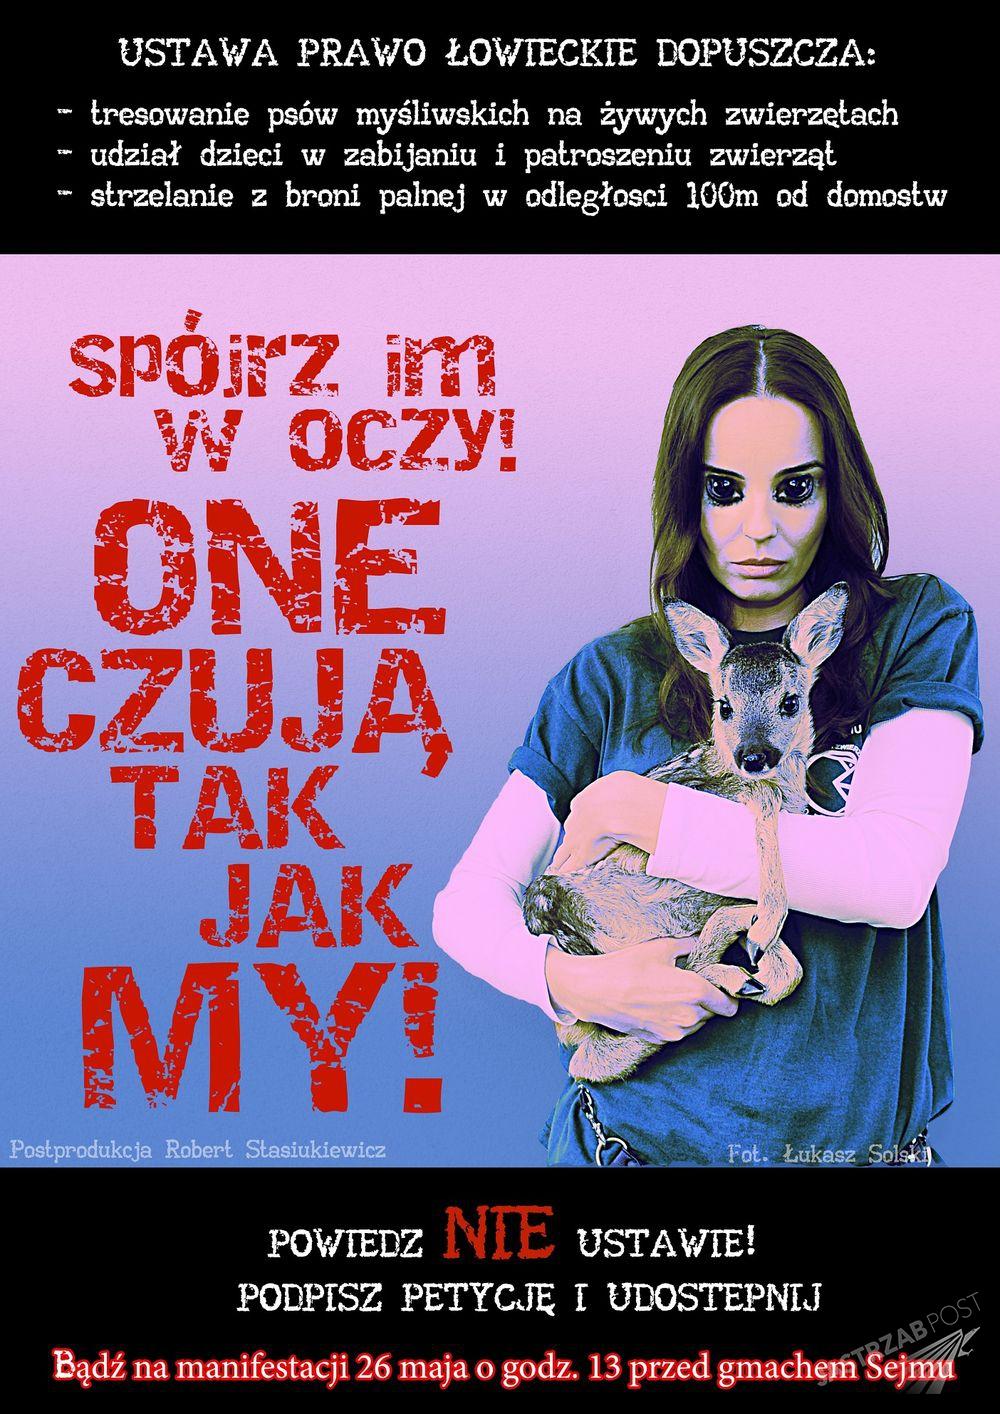 Agnieszka Włodarczyk w kampanii przeciwko ustawie łowieckiej.